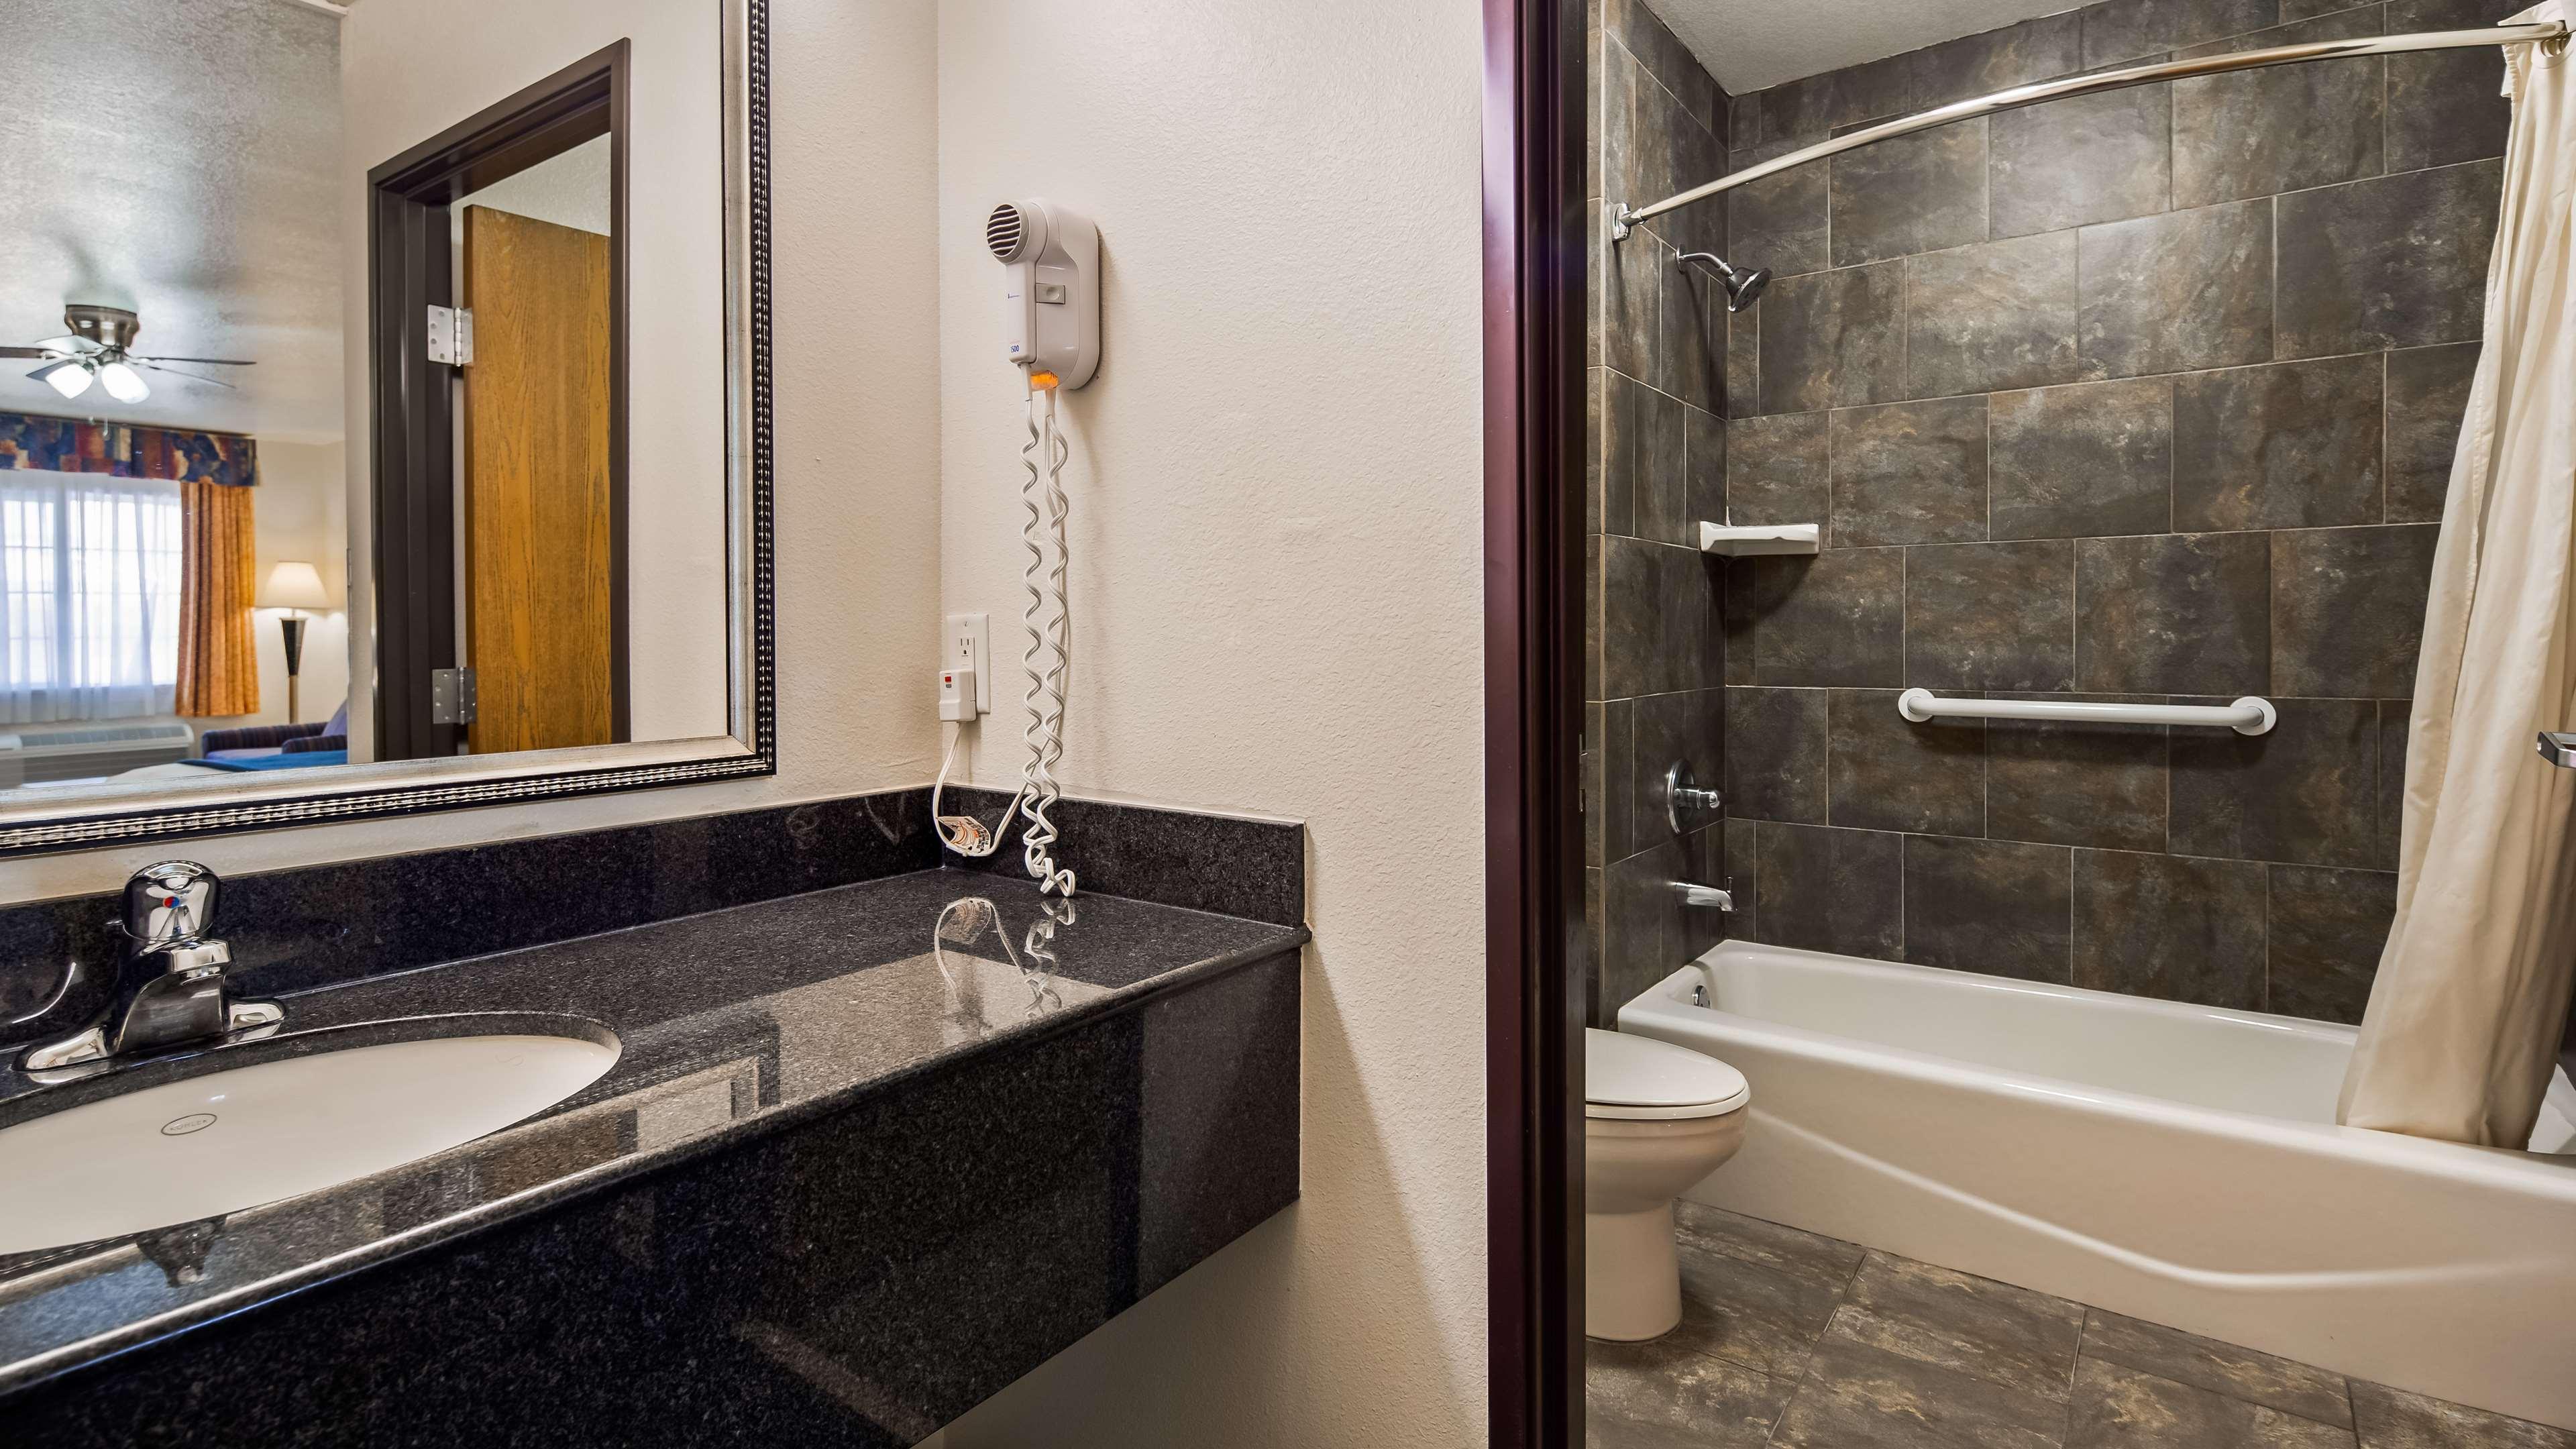 SureStay Hotel by Best Western Falfurrias image 9